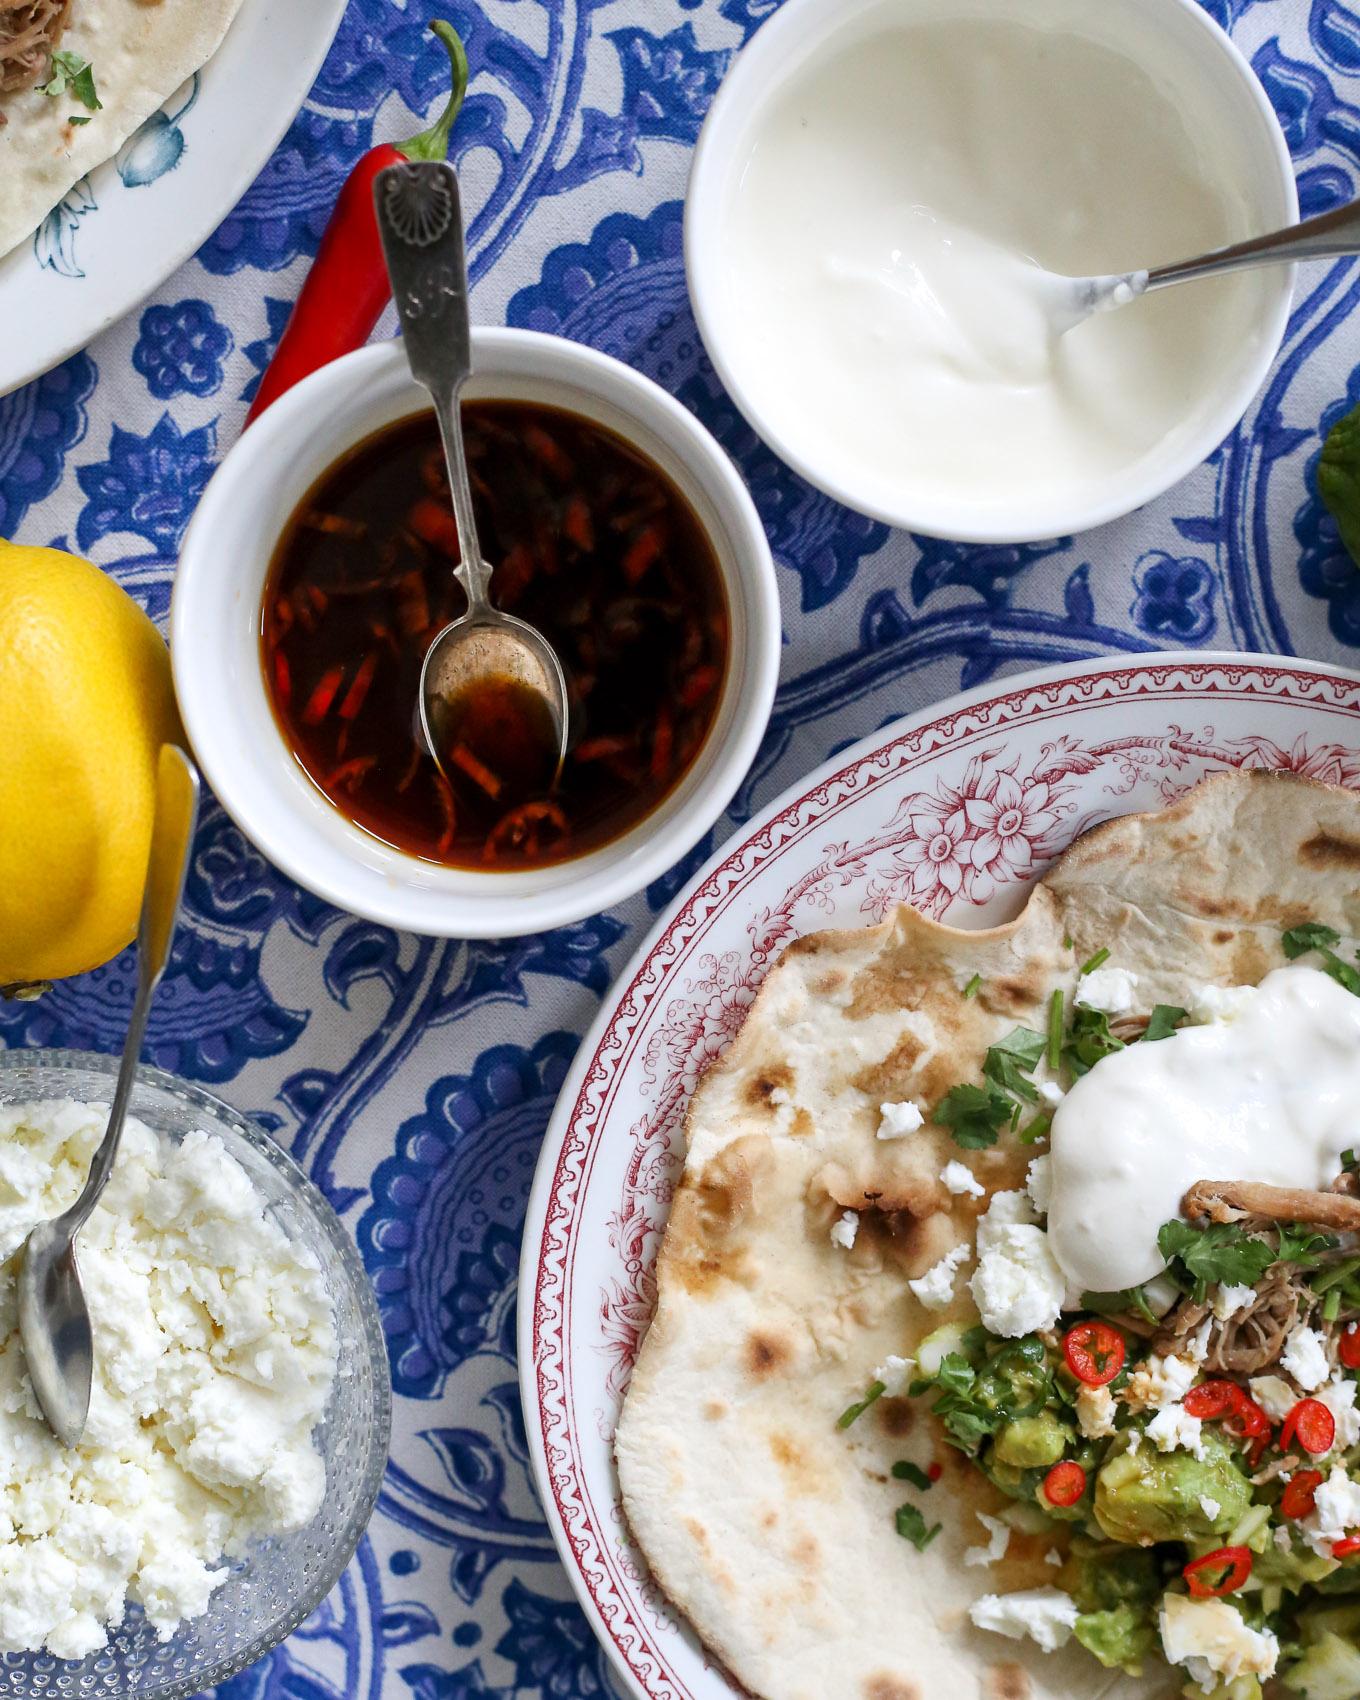 Soijamarinoitu nyhtöpossu - avokadosalsa - tortillat - 3.jpg